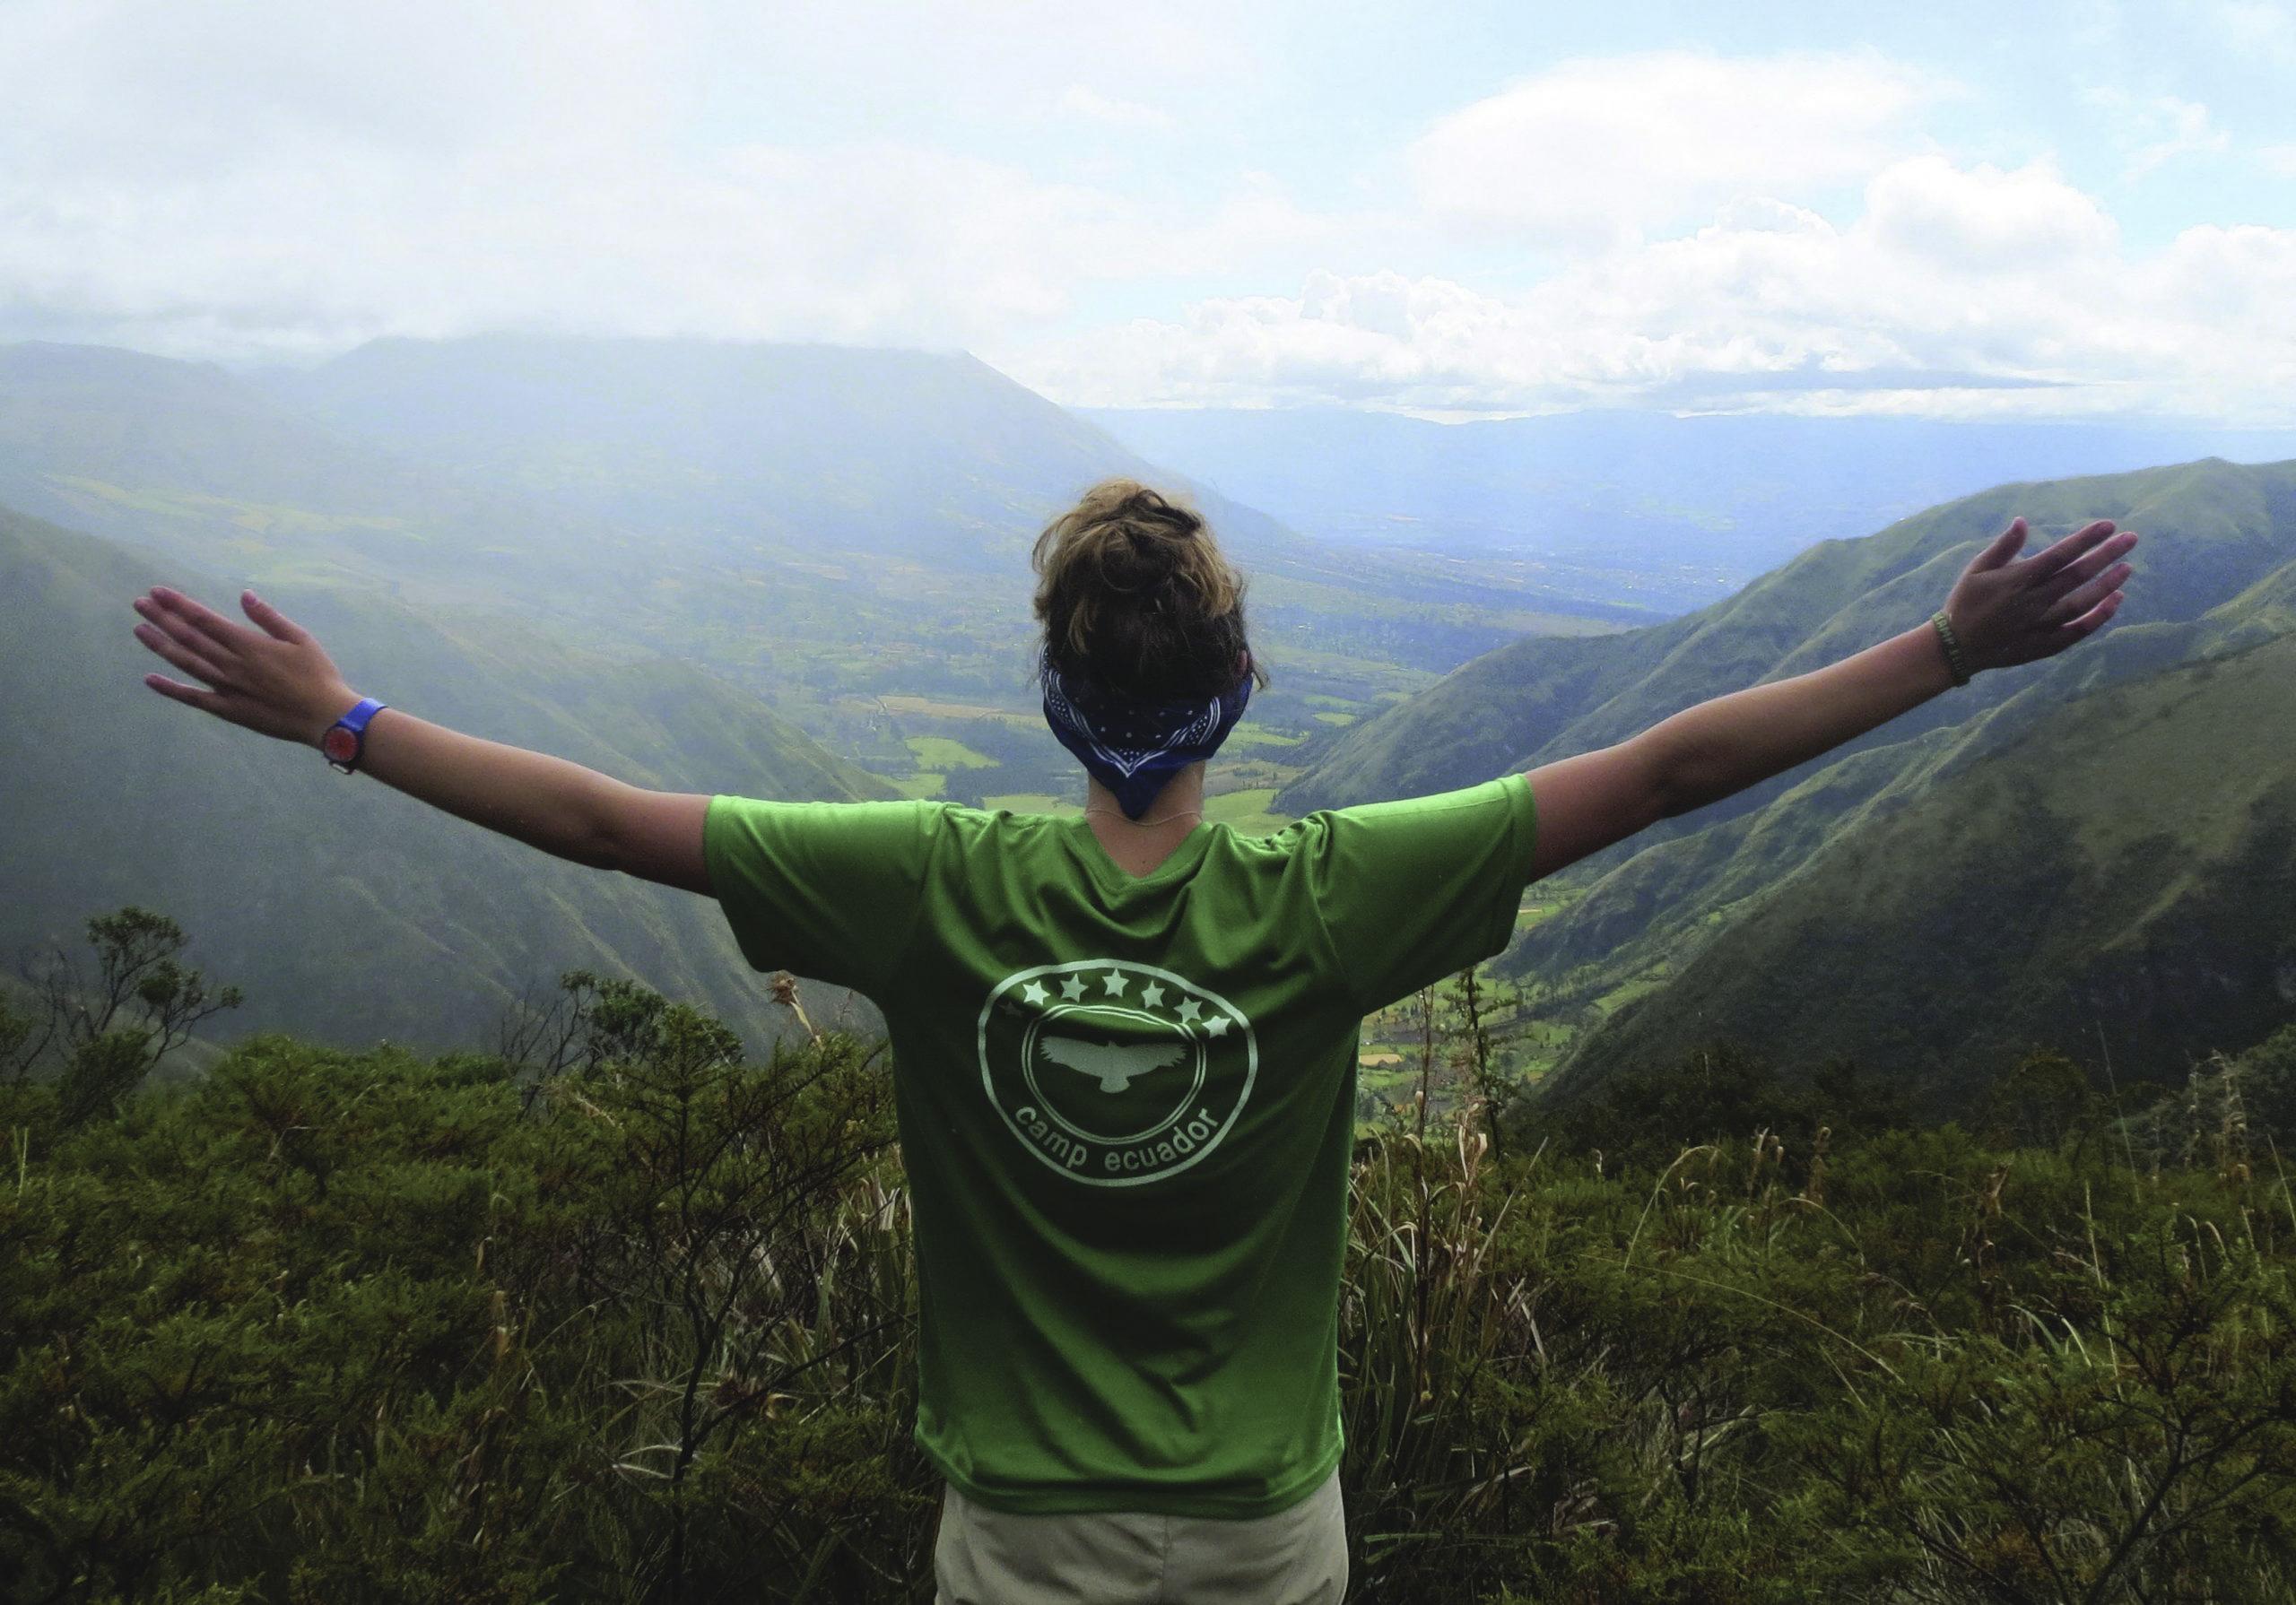 school_expedition_ecuador_trek_view_across_valley-edit